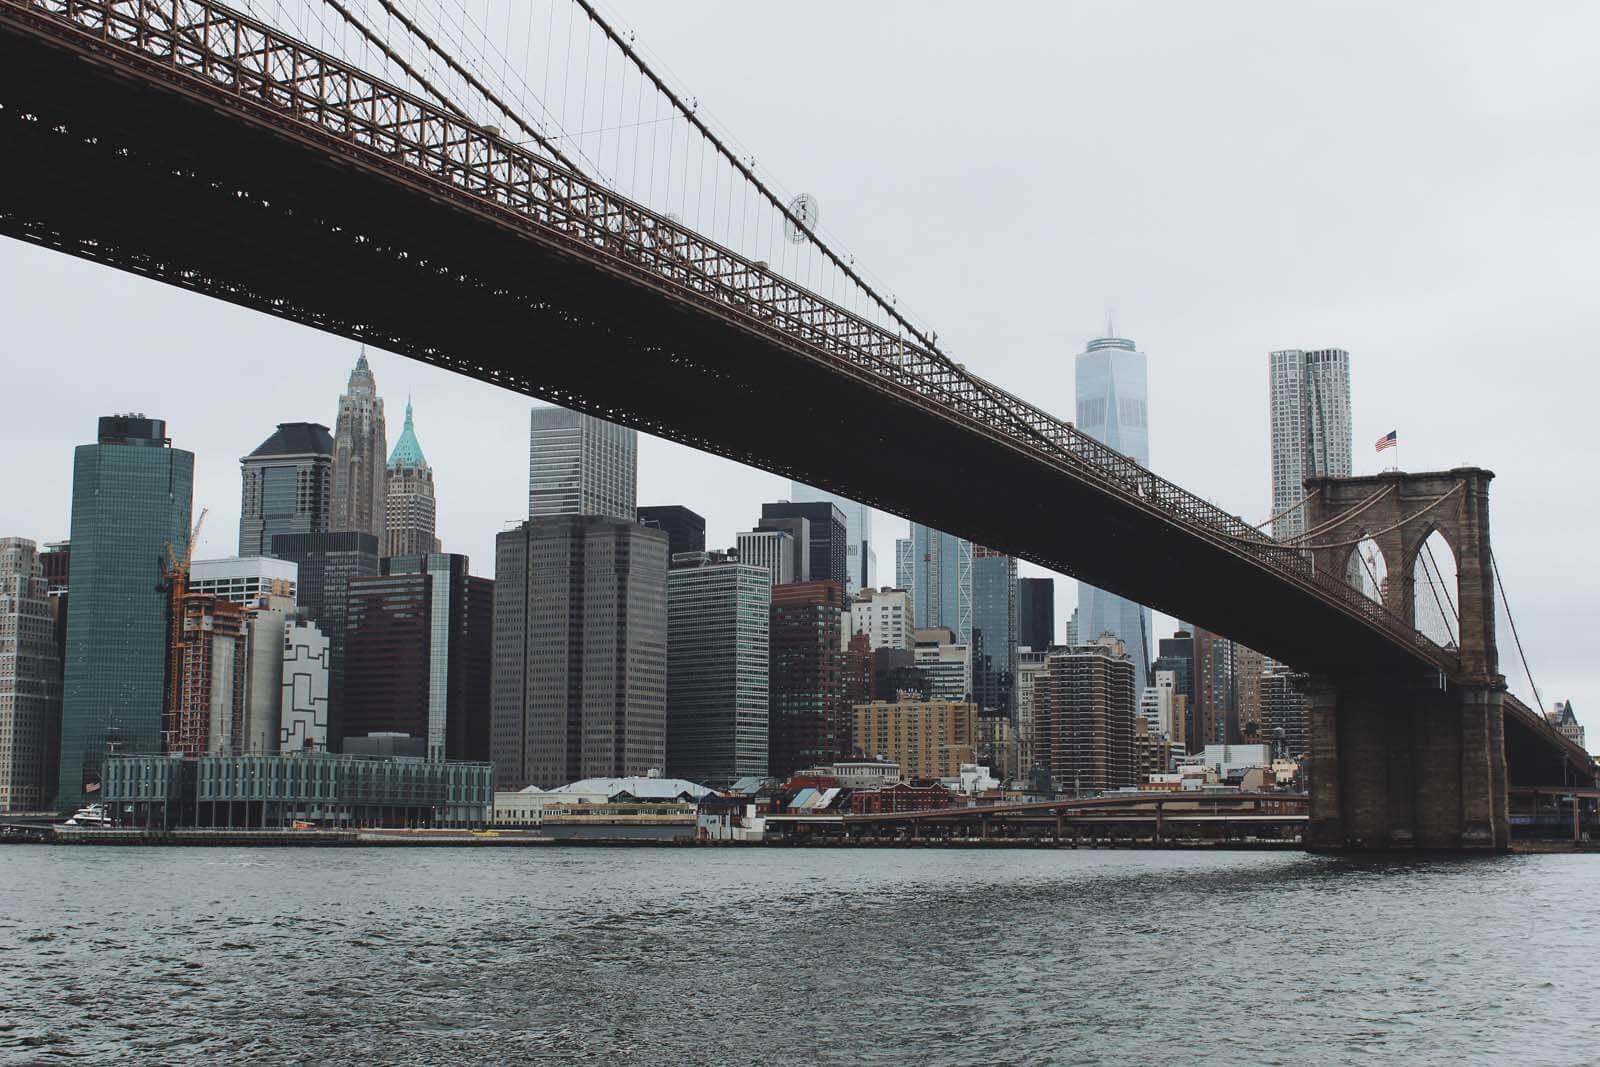 Brooklyn Bridge view by Katie Hinkle